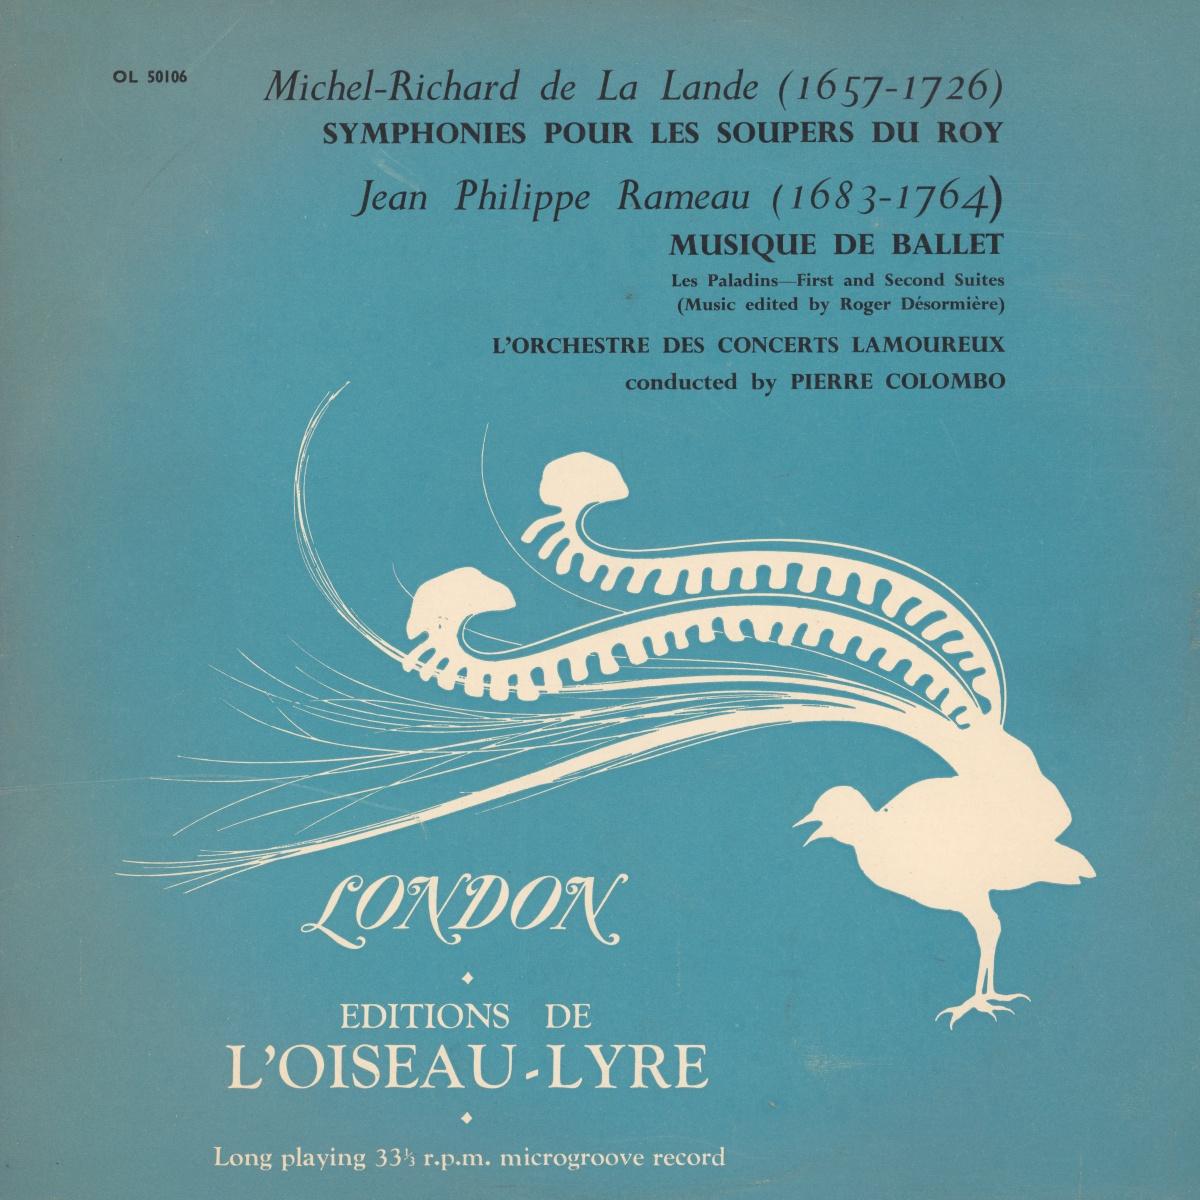 Recto de la pochette du disque Oiseau-Lyre OL 50106